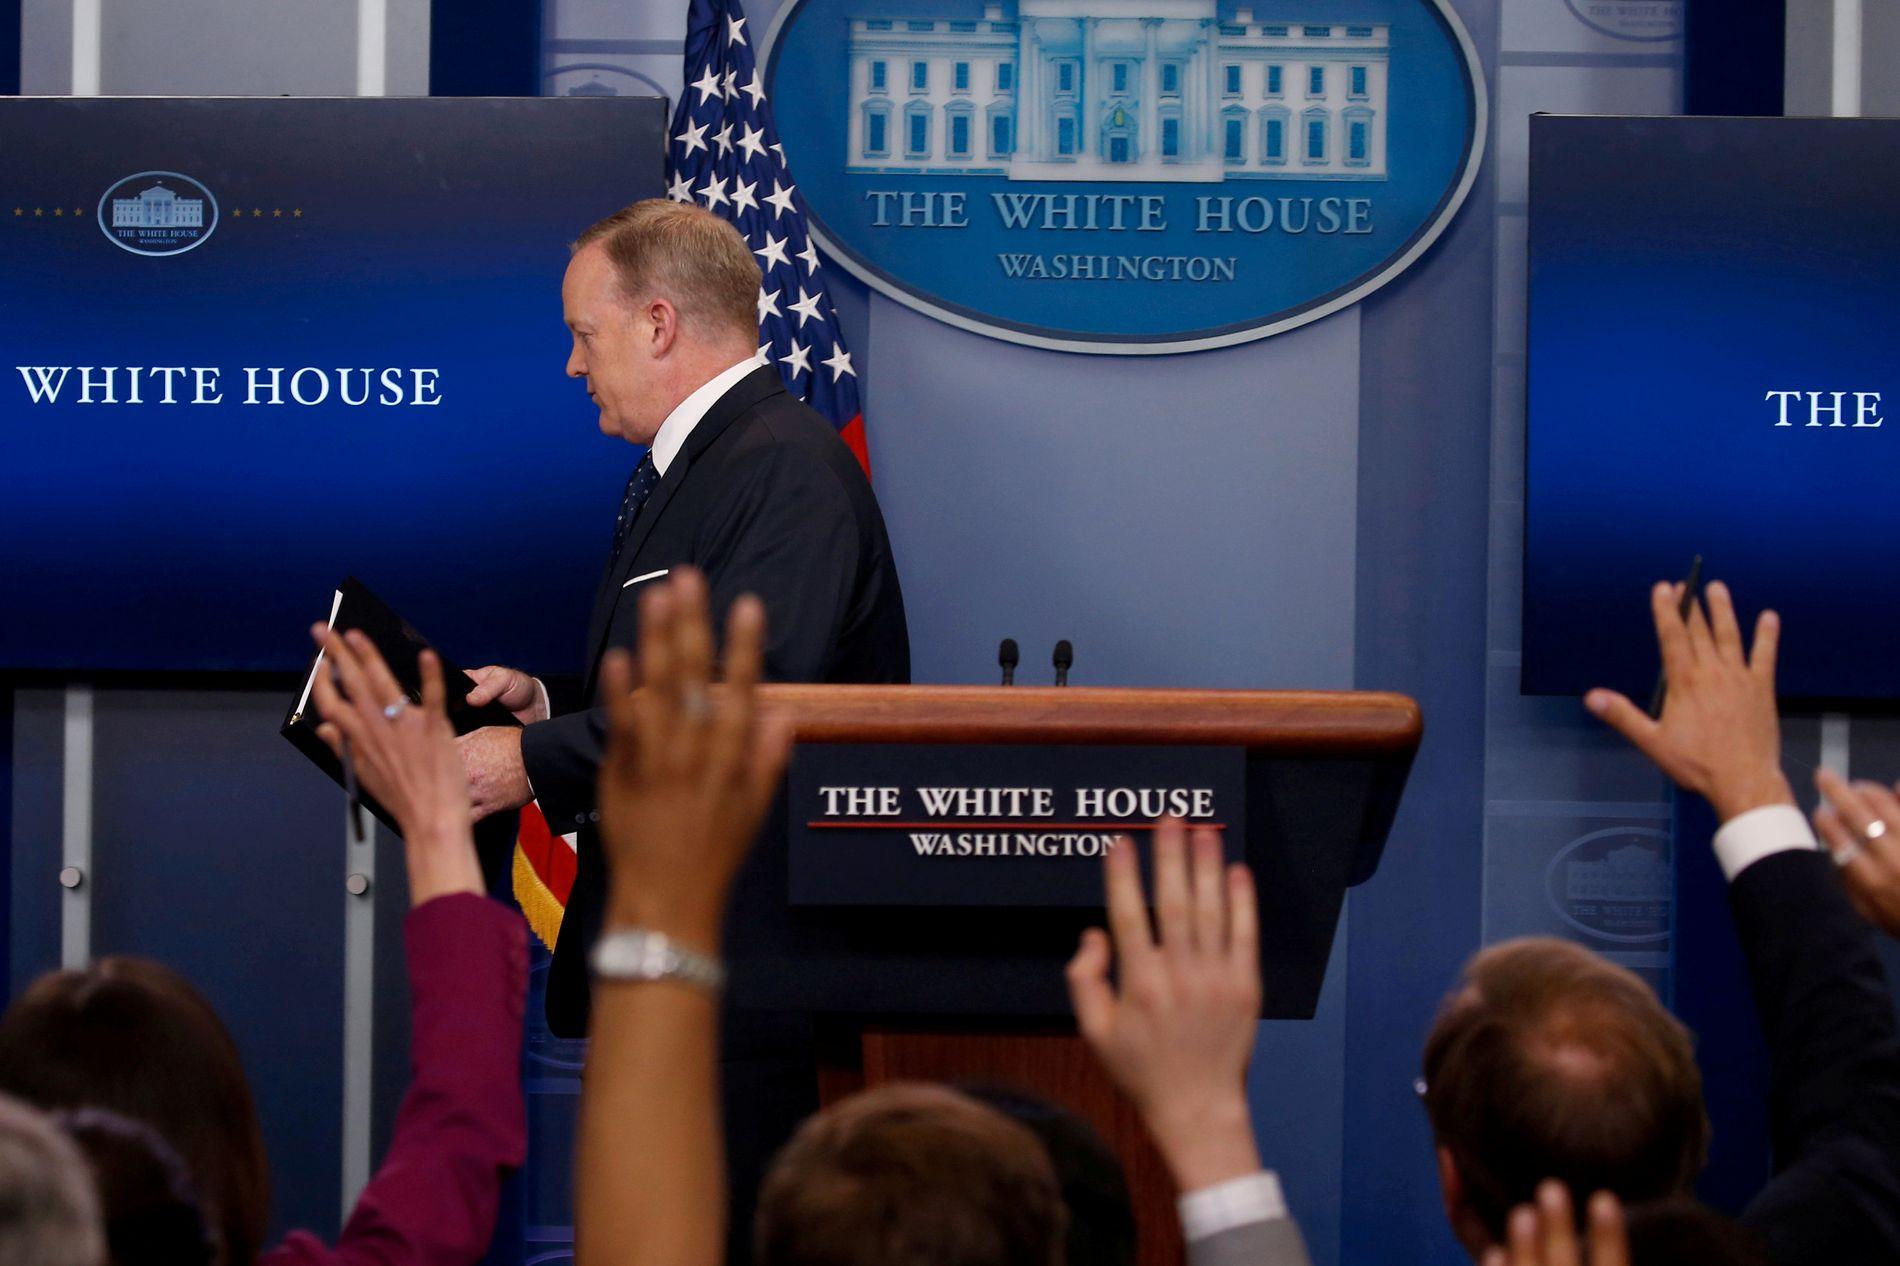 SJÅ'N SPICER FORLATE DET HVITE HUS: Bildet er riktig nok ikke dagsferskt, men det viser tidligere pressesekretær Sean Spicer på vei ut av presserommet i Det hvite hus ved en tidligere anledning.